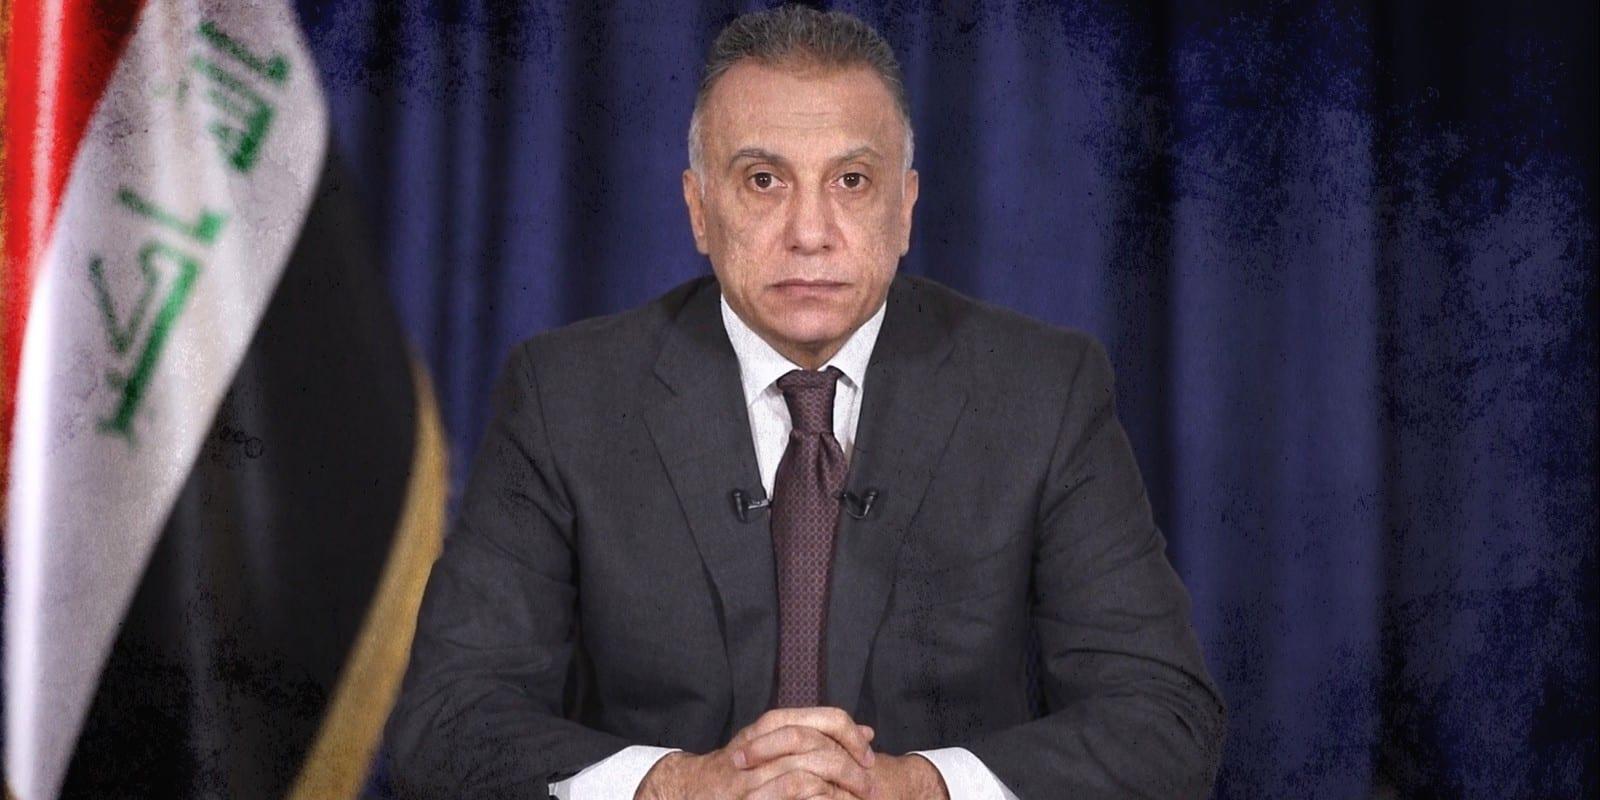 Iraq Prime Minister Mustafa al-Kadhimi